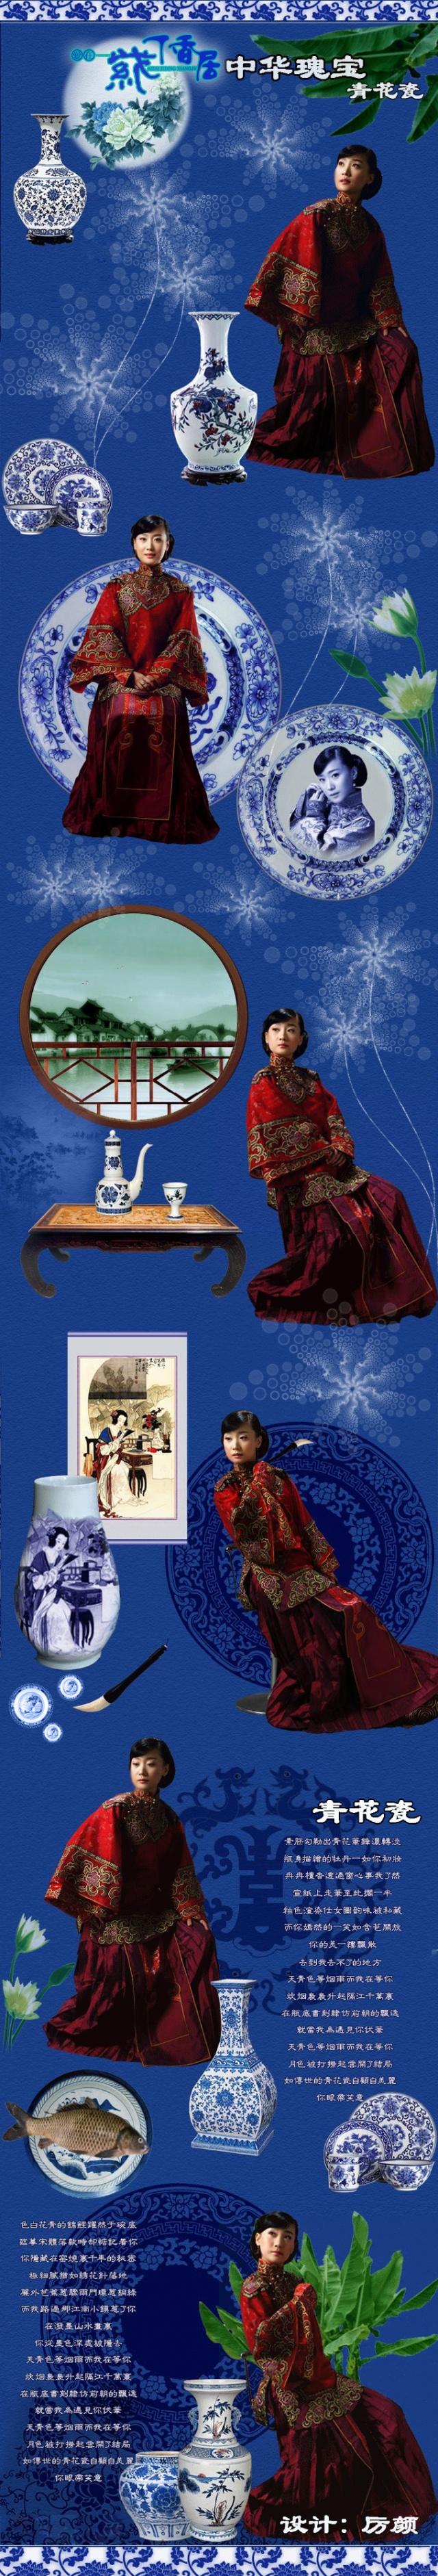 2009年12月15日 - 风轻扬 - 如瓷淡淡的博客